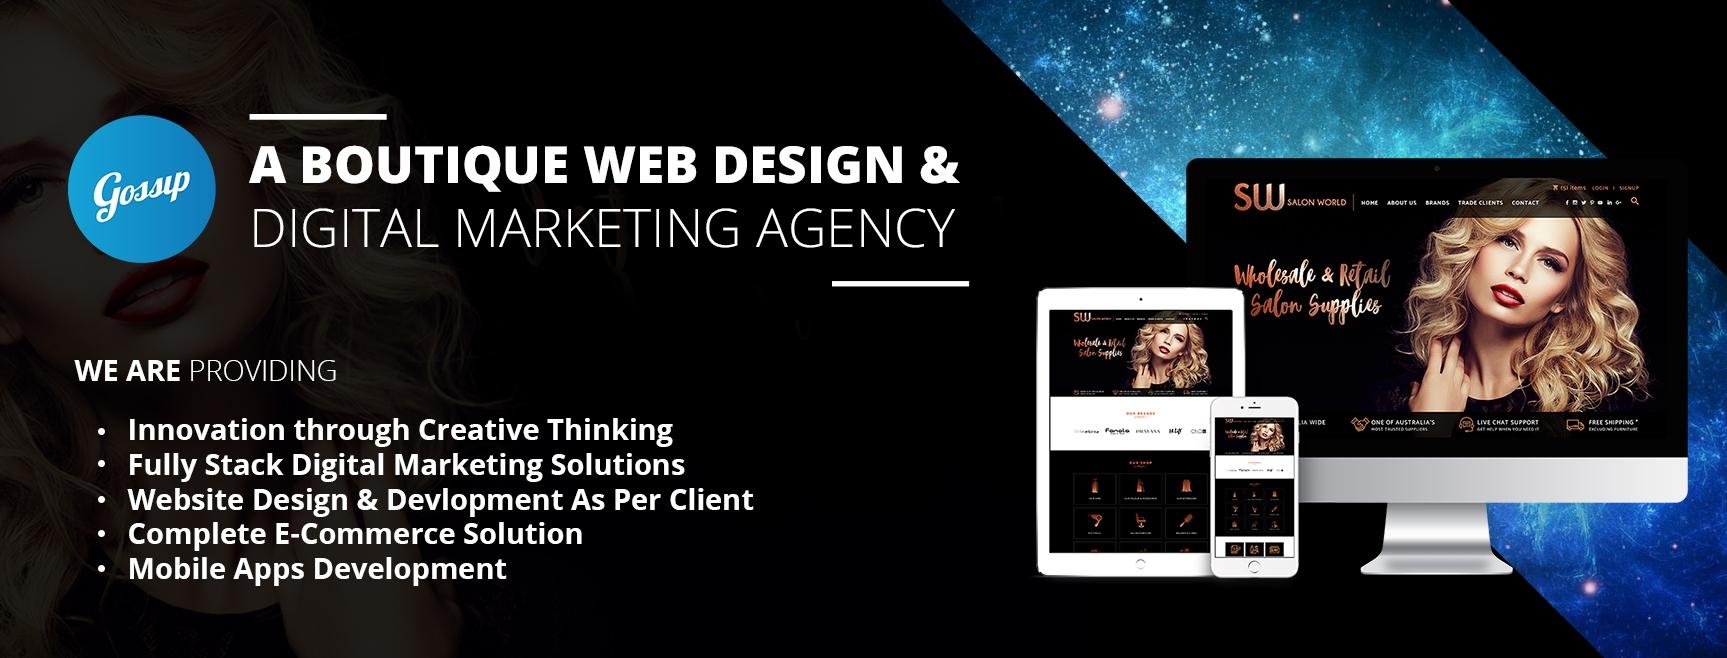 Gossip Web Design (@gossipwebdesign) Cover Image